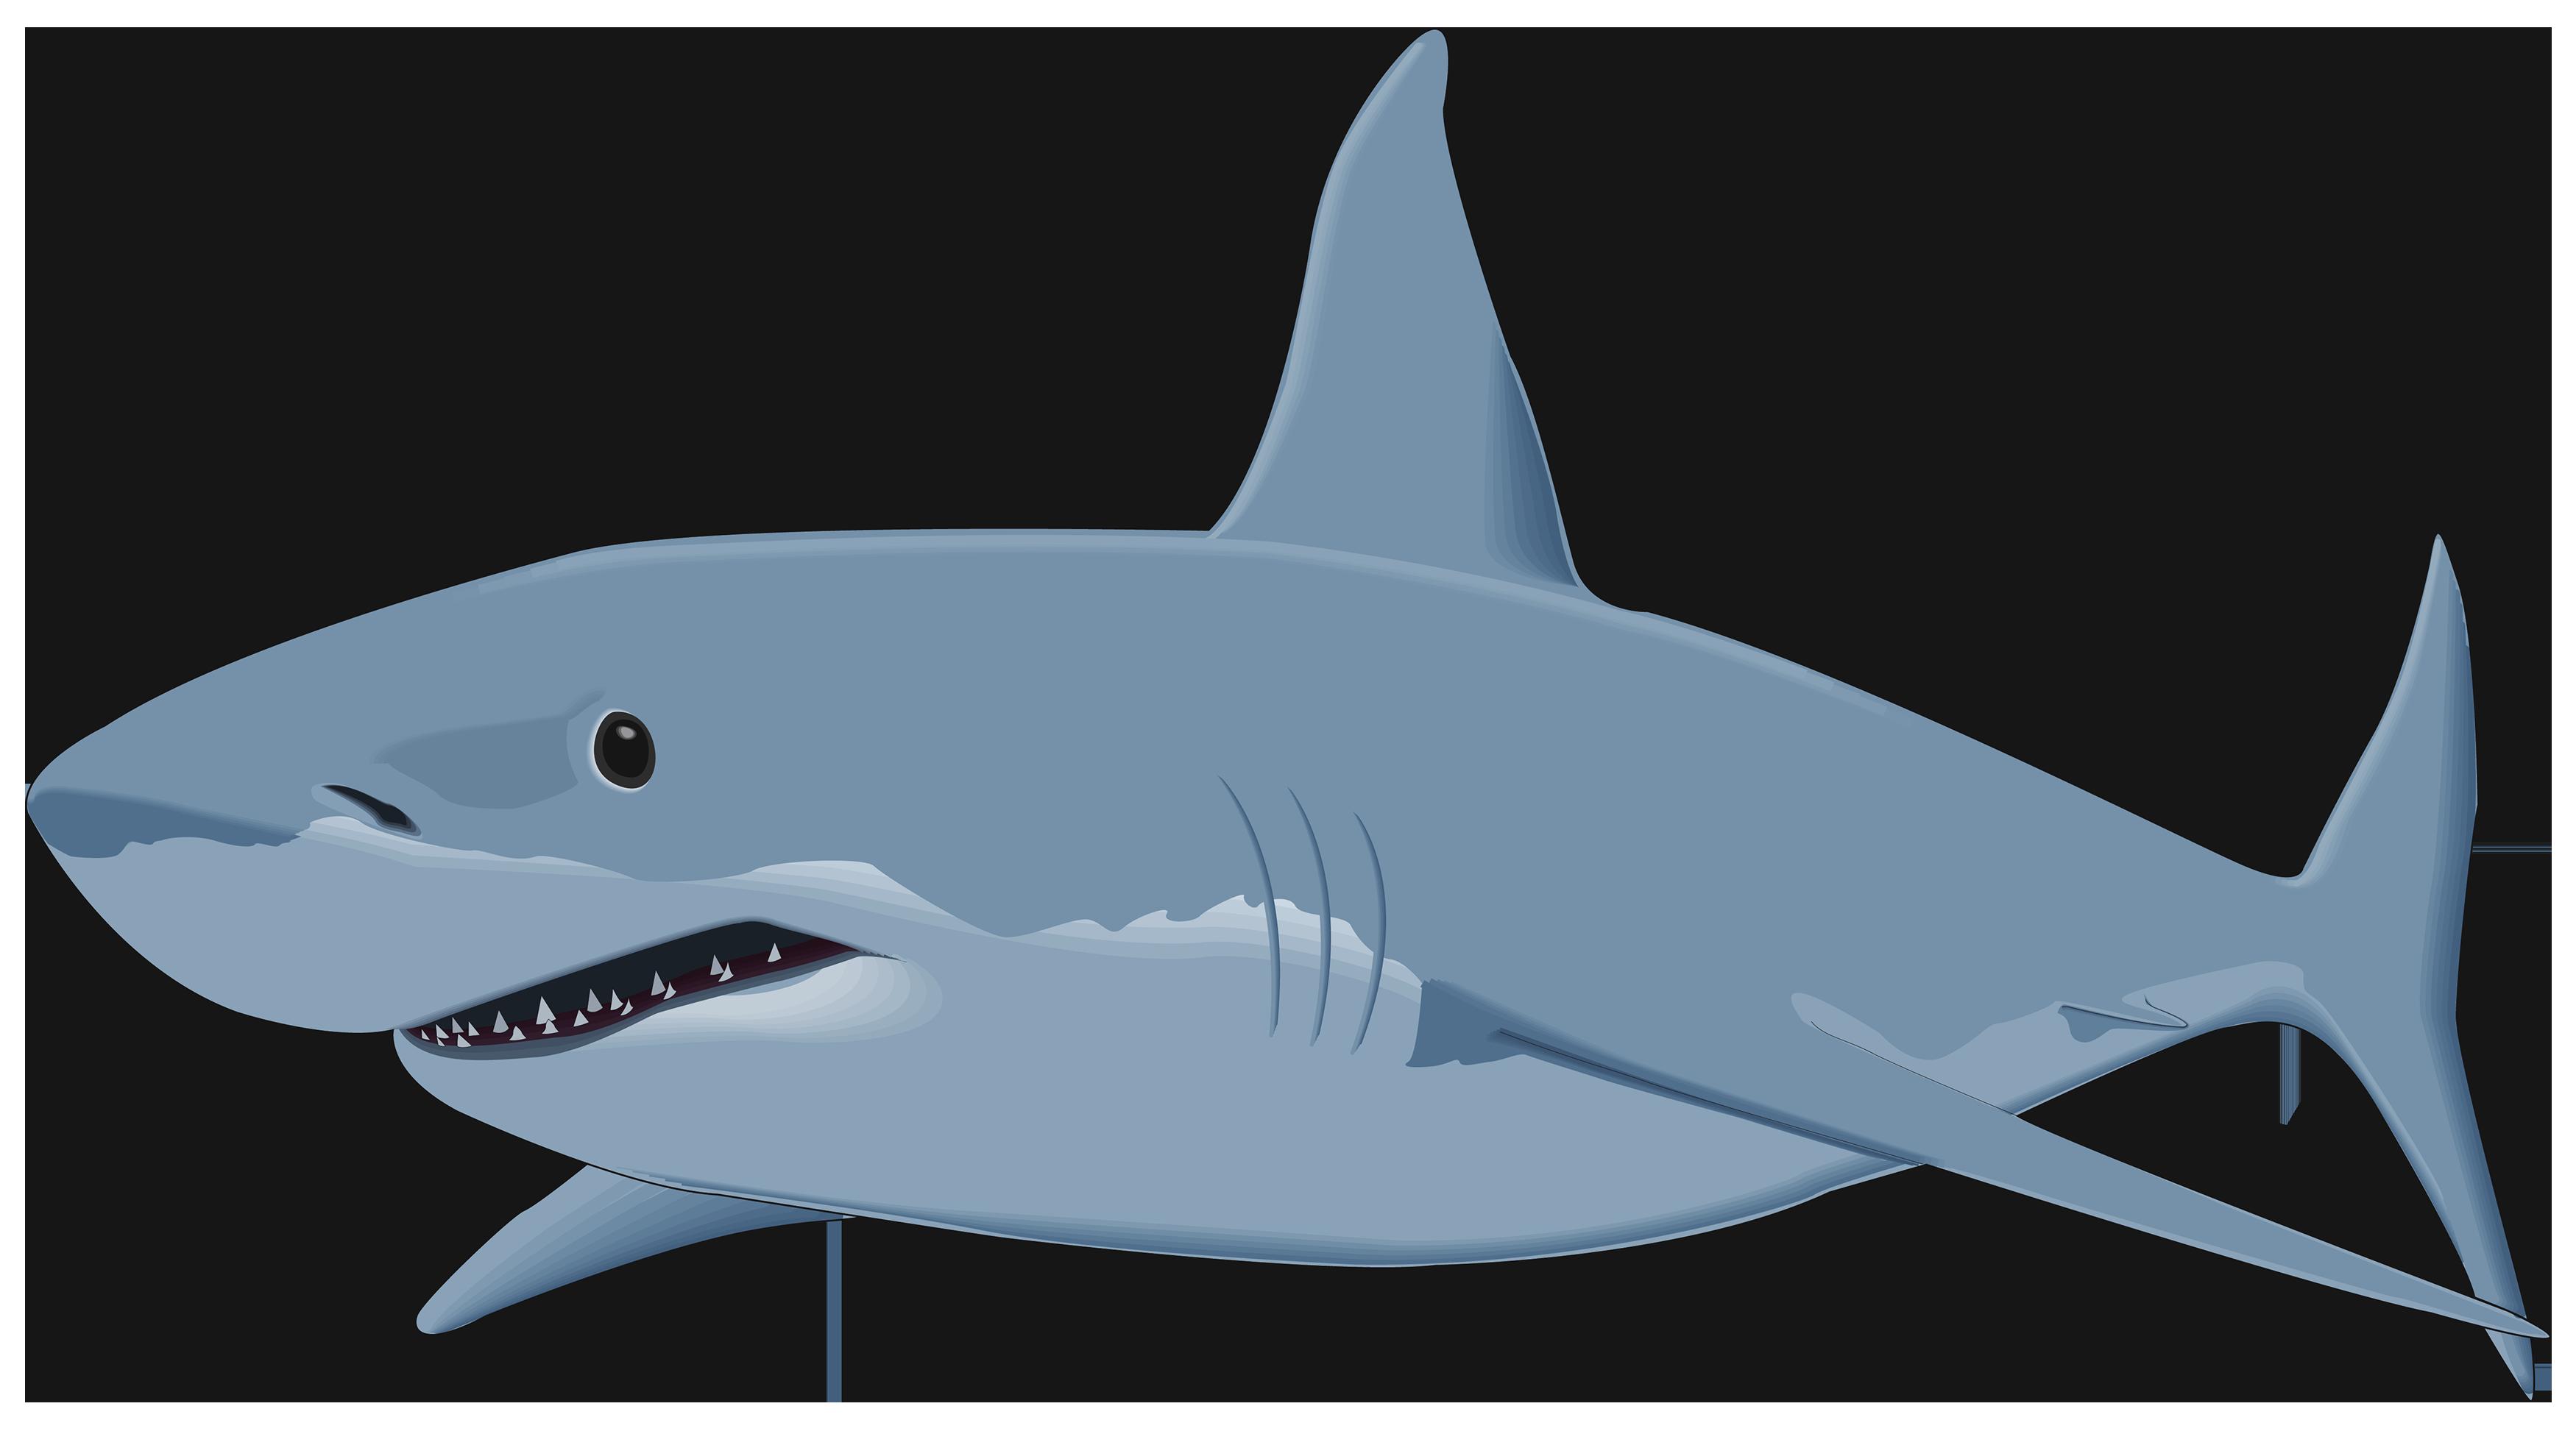 Shark attack great.